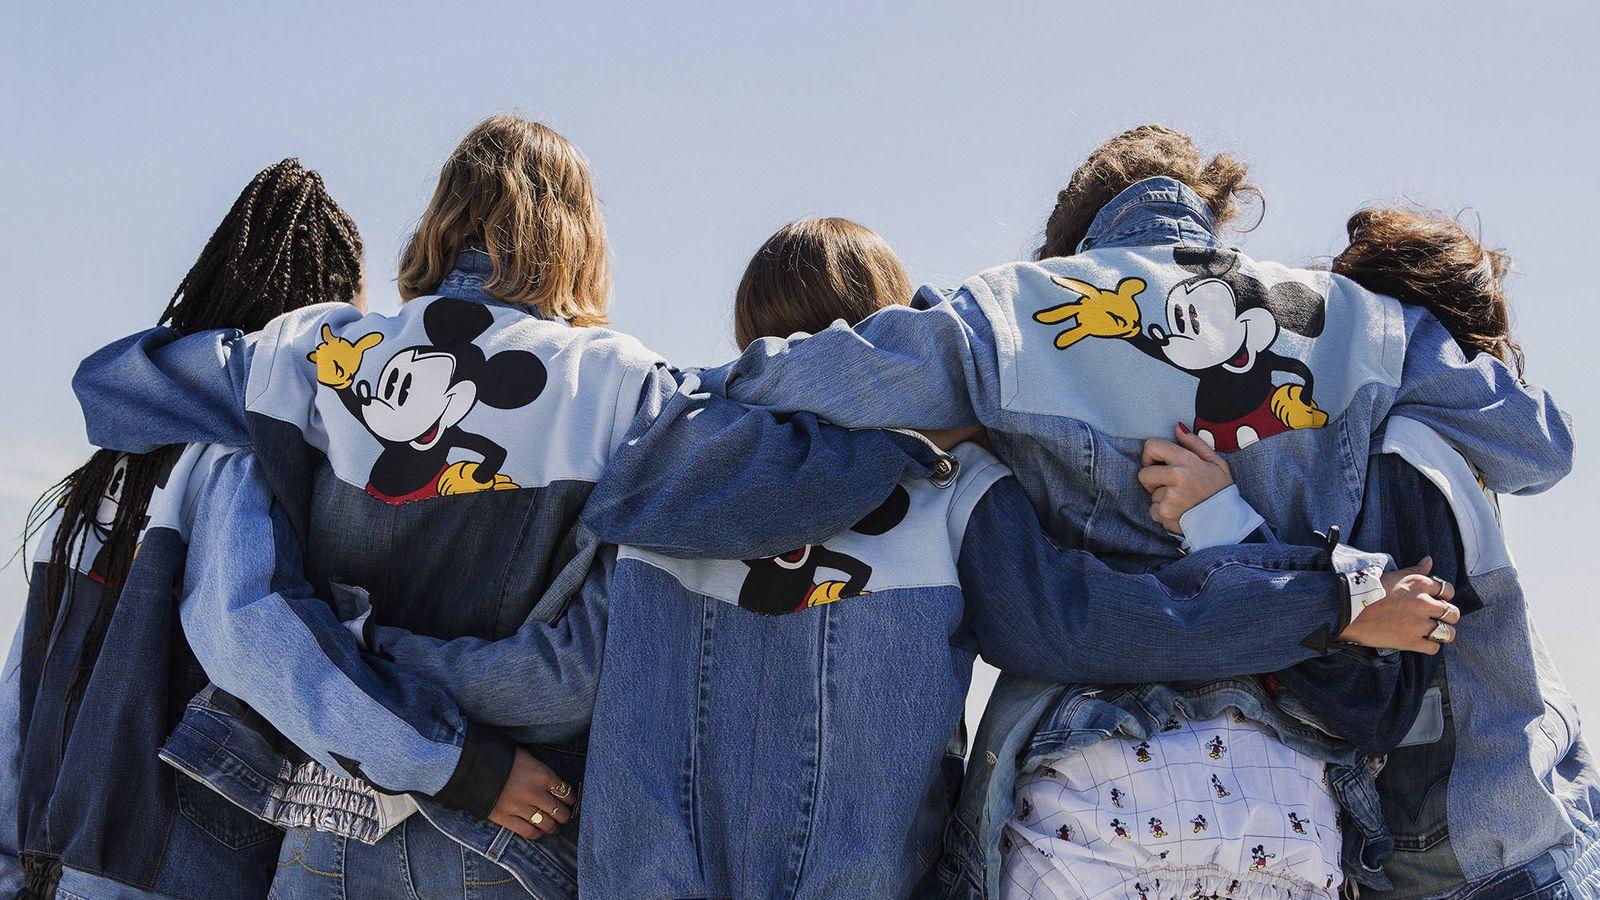 Foto: Mickey Mouse es uno de los personajes estrella en algunas prendas de la firma Desigual. (Imagen: Cortesía)